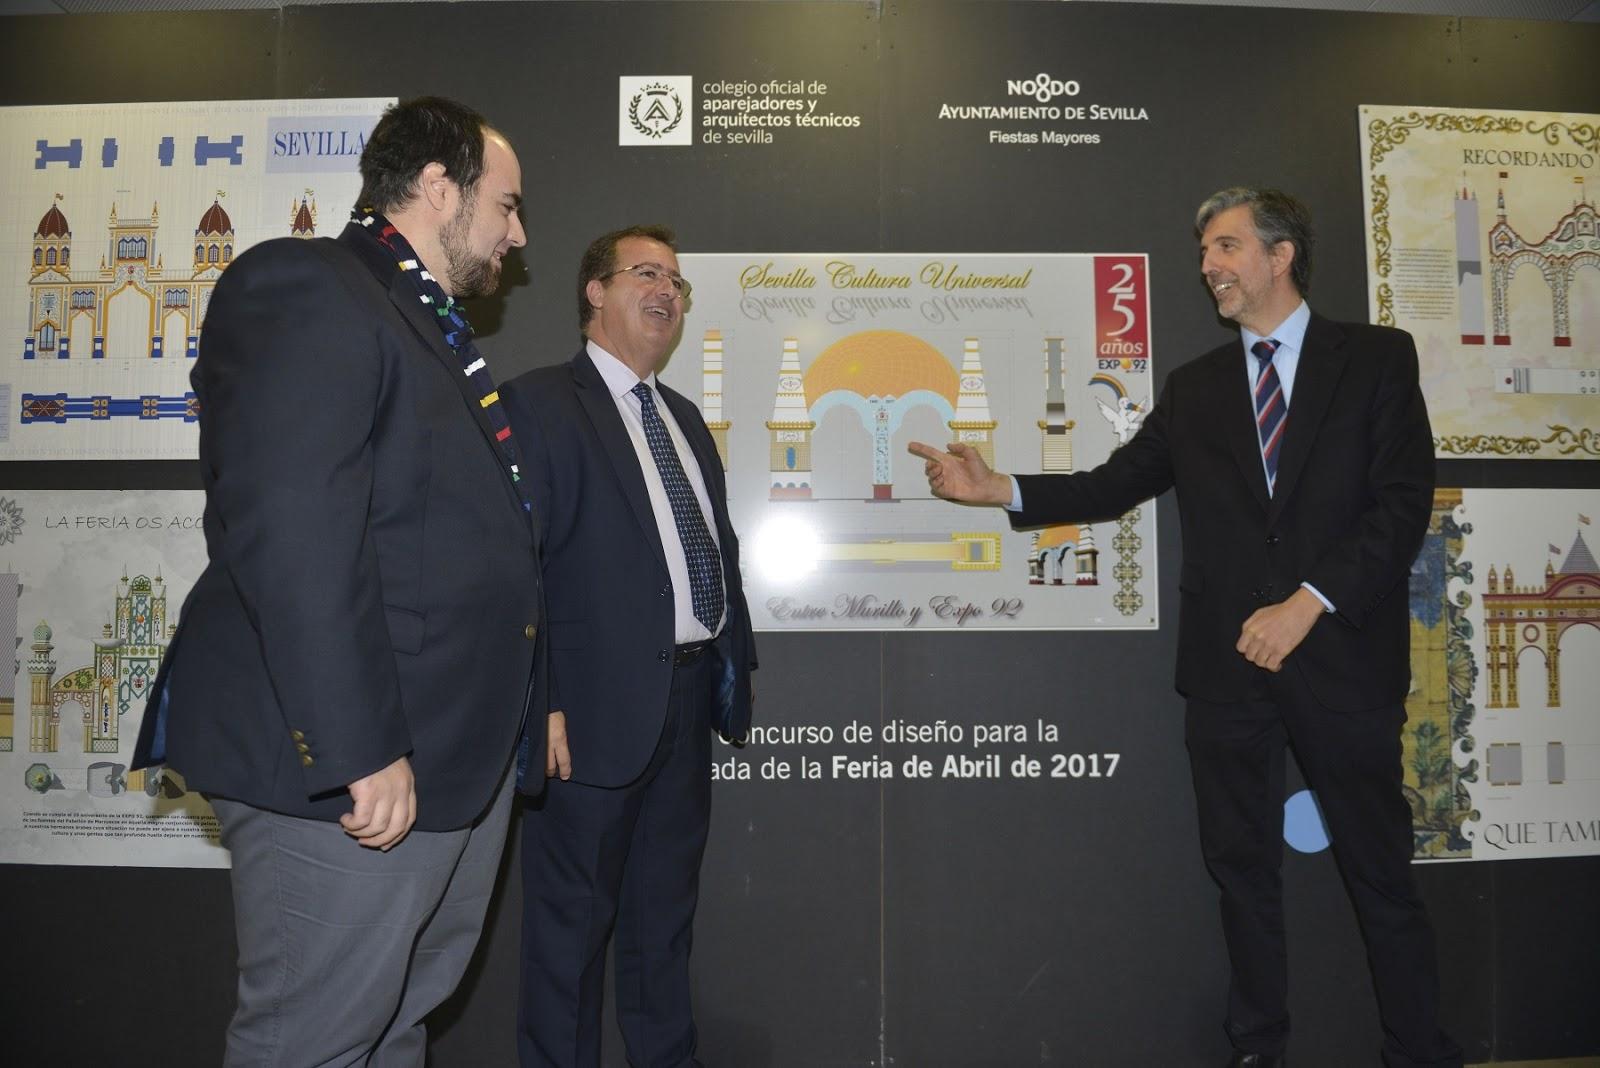 Gel n noticias inaugurada una exposici n sobre los - Colegio de arquitectos sevilla ...